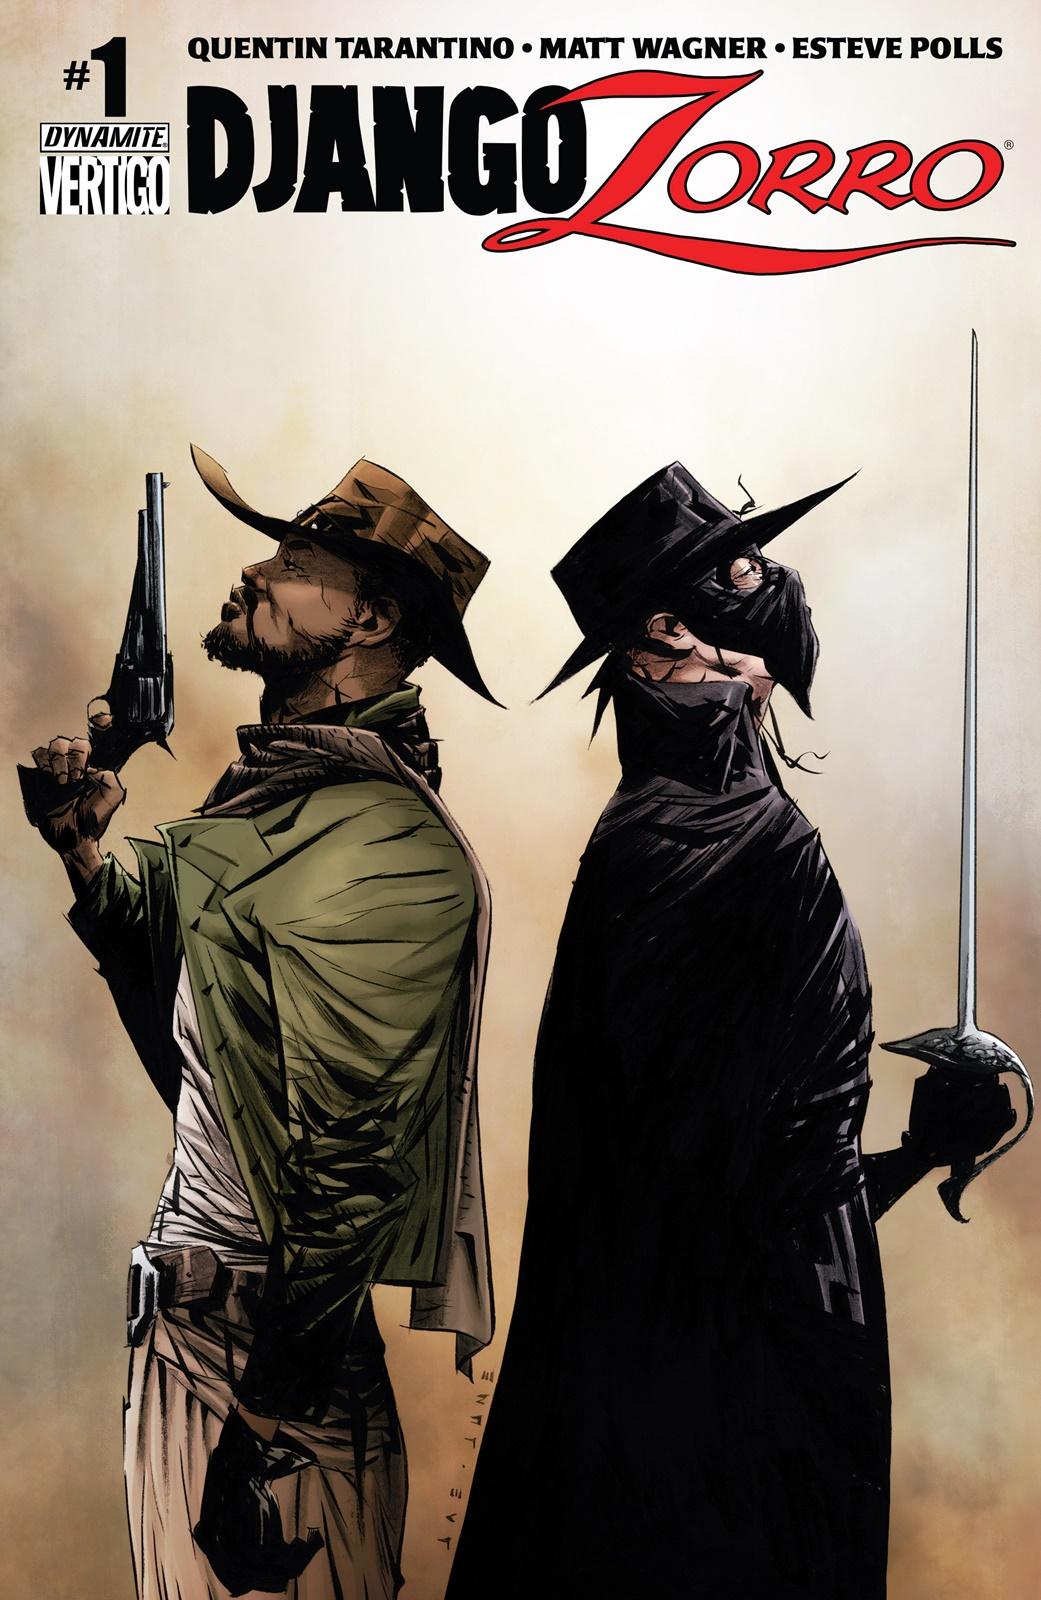 Quentin Tarantino Django Zorro film